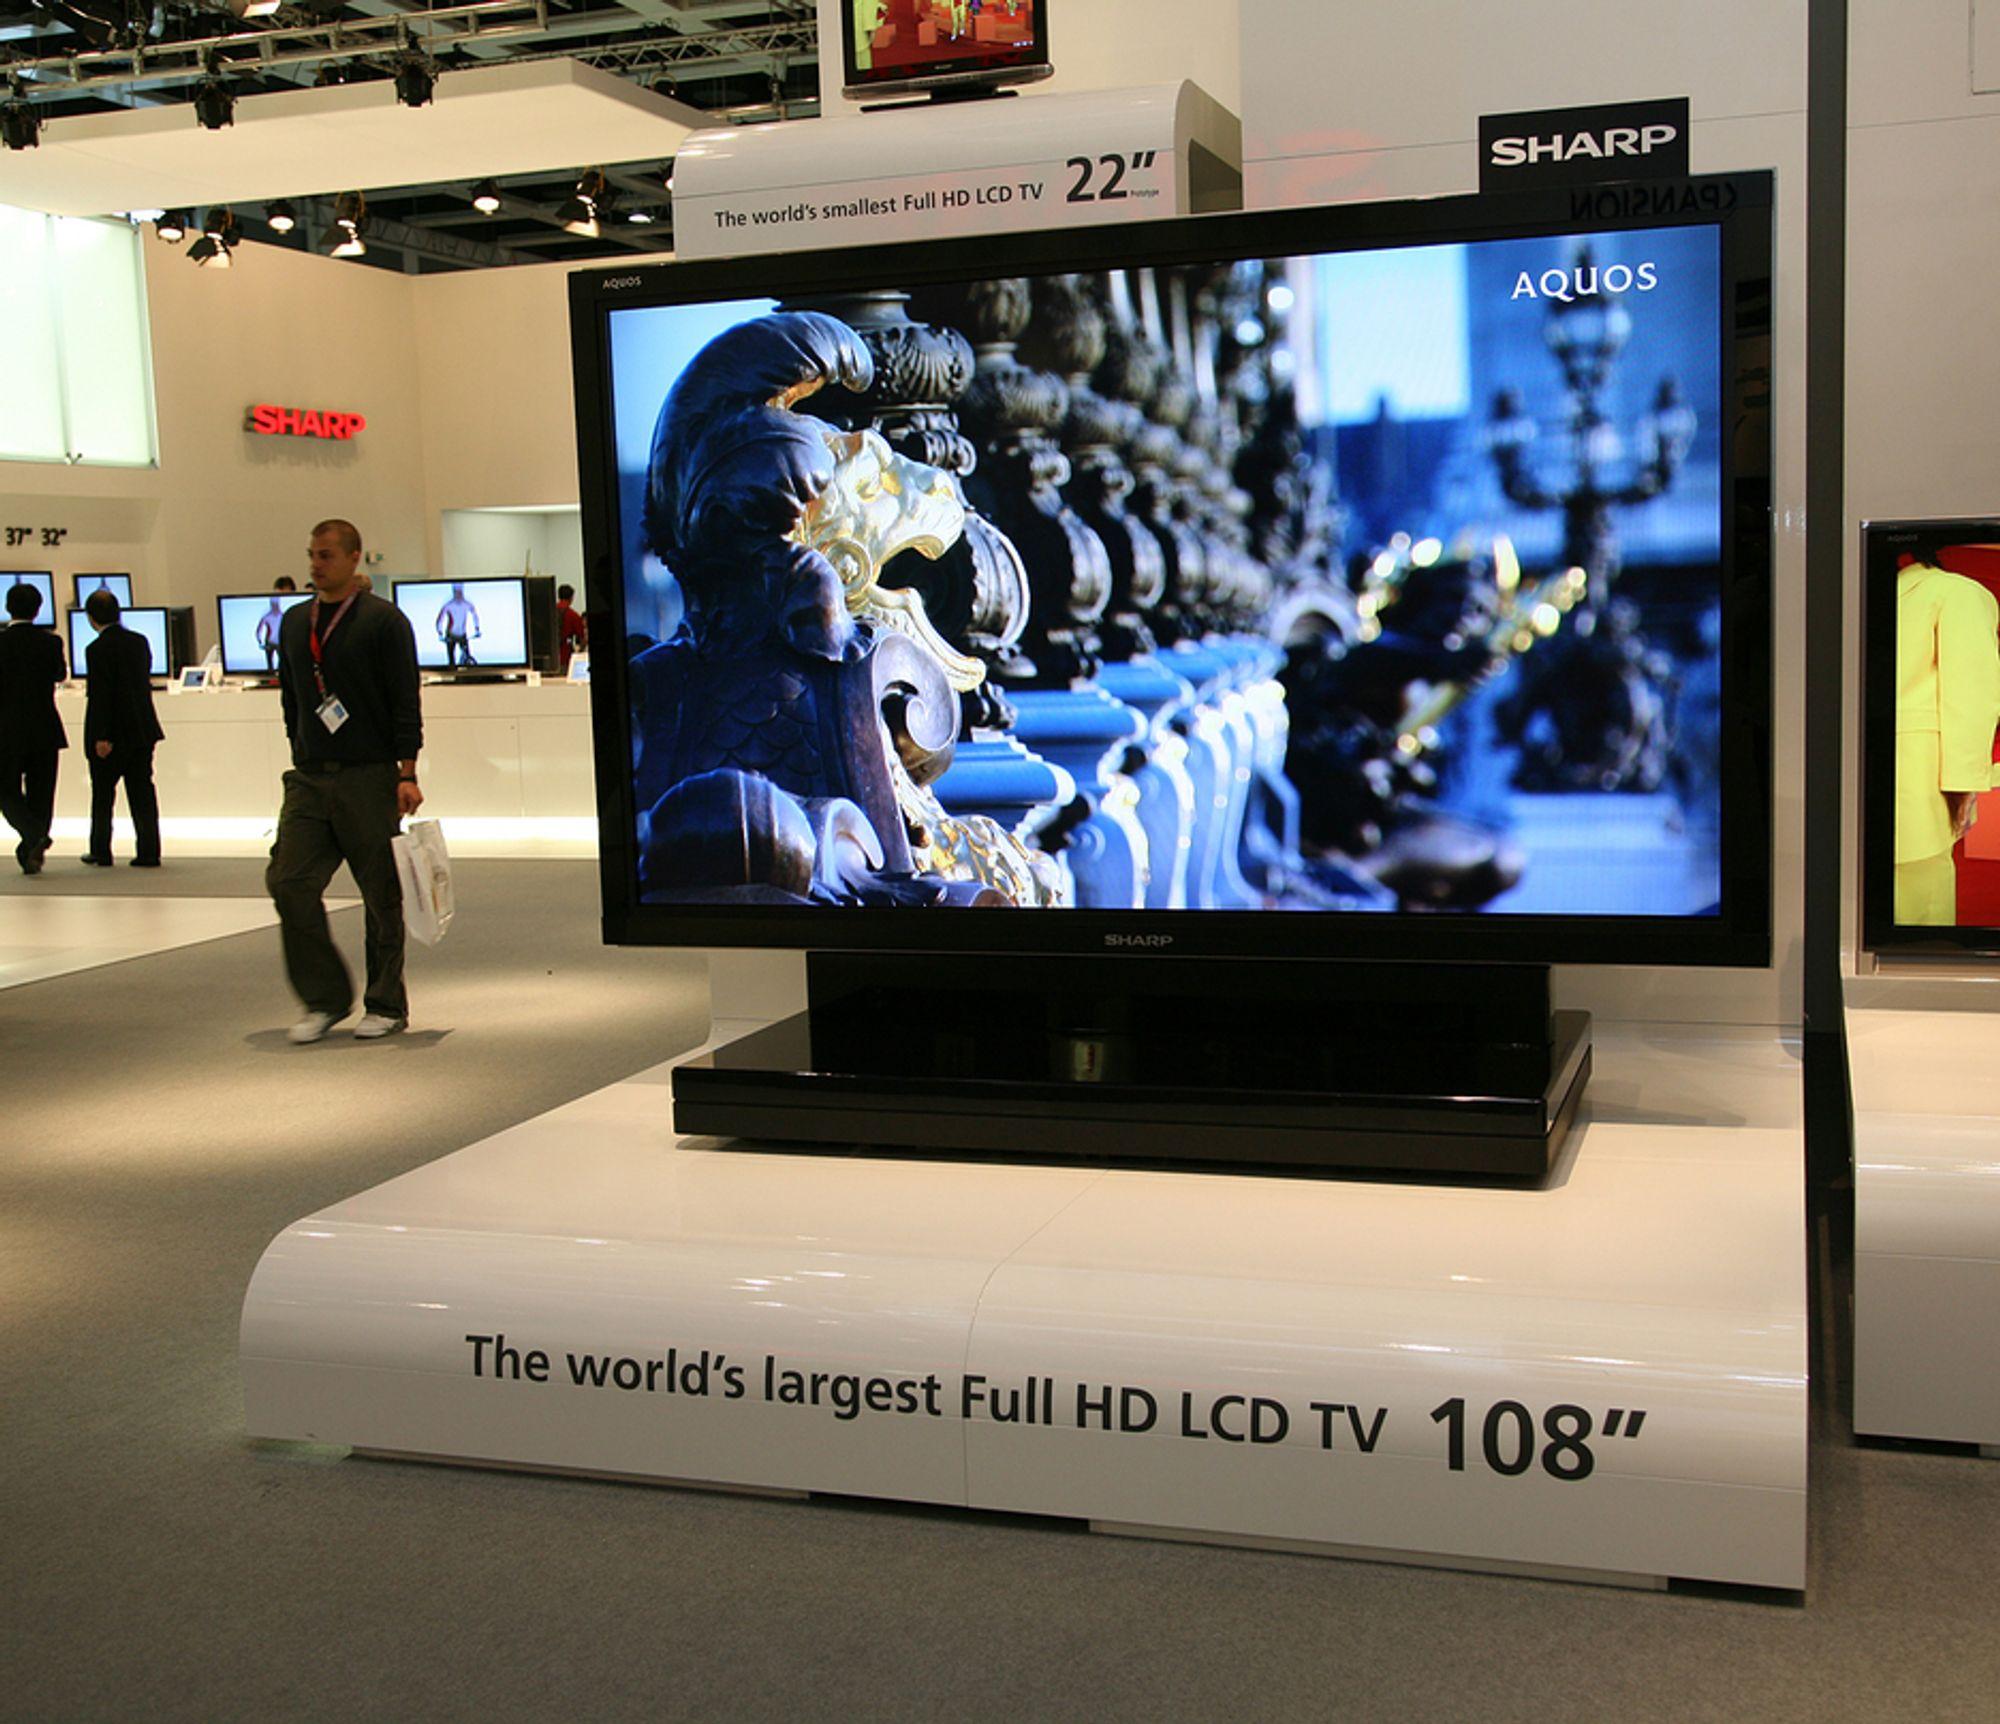 DETTE KAN DU ØNSKE DEG: Sharp har vist frem prototypen av det som skal være verdens største LCD-TV i full-HD-kvalitet. Den er ikke mindre enn 108 tommer stor.